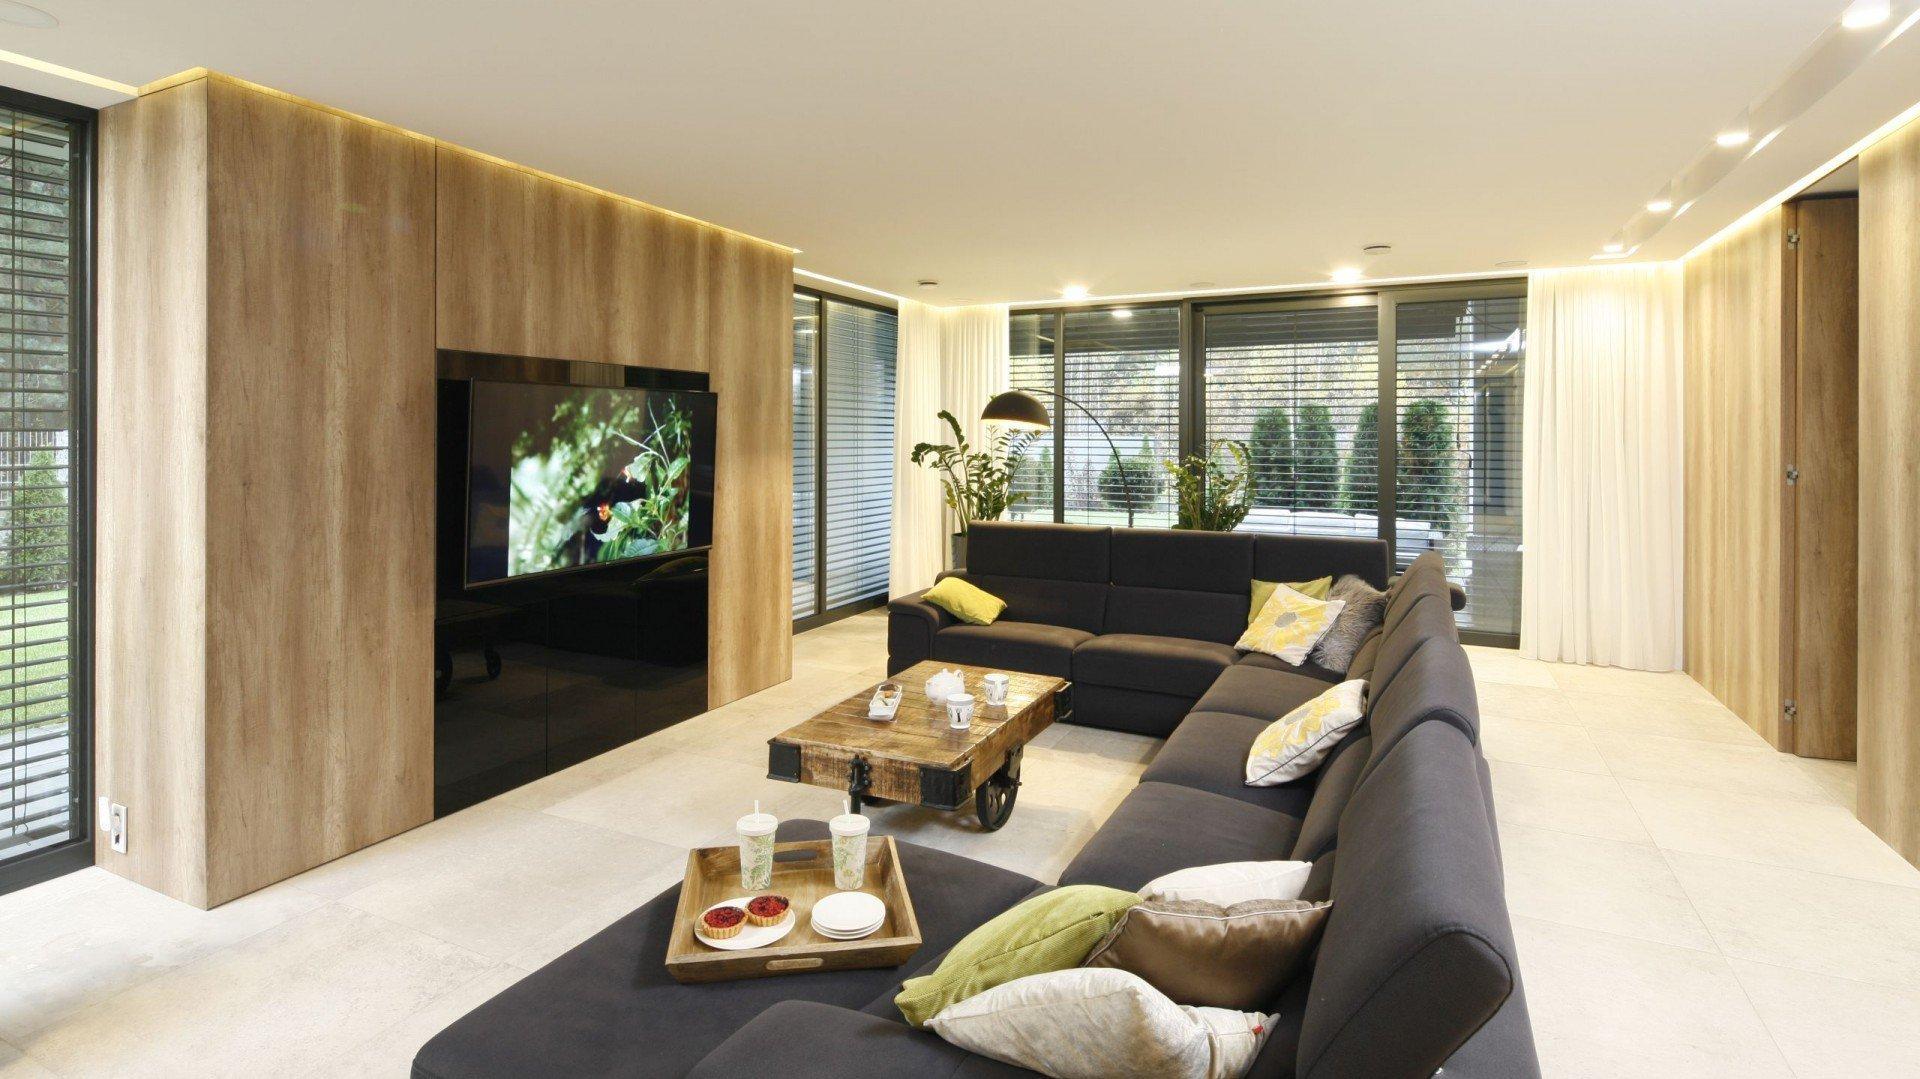 Domov s mechovou stěnou v interiéru